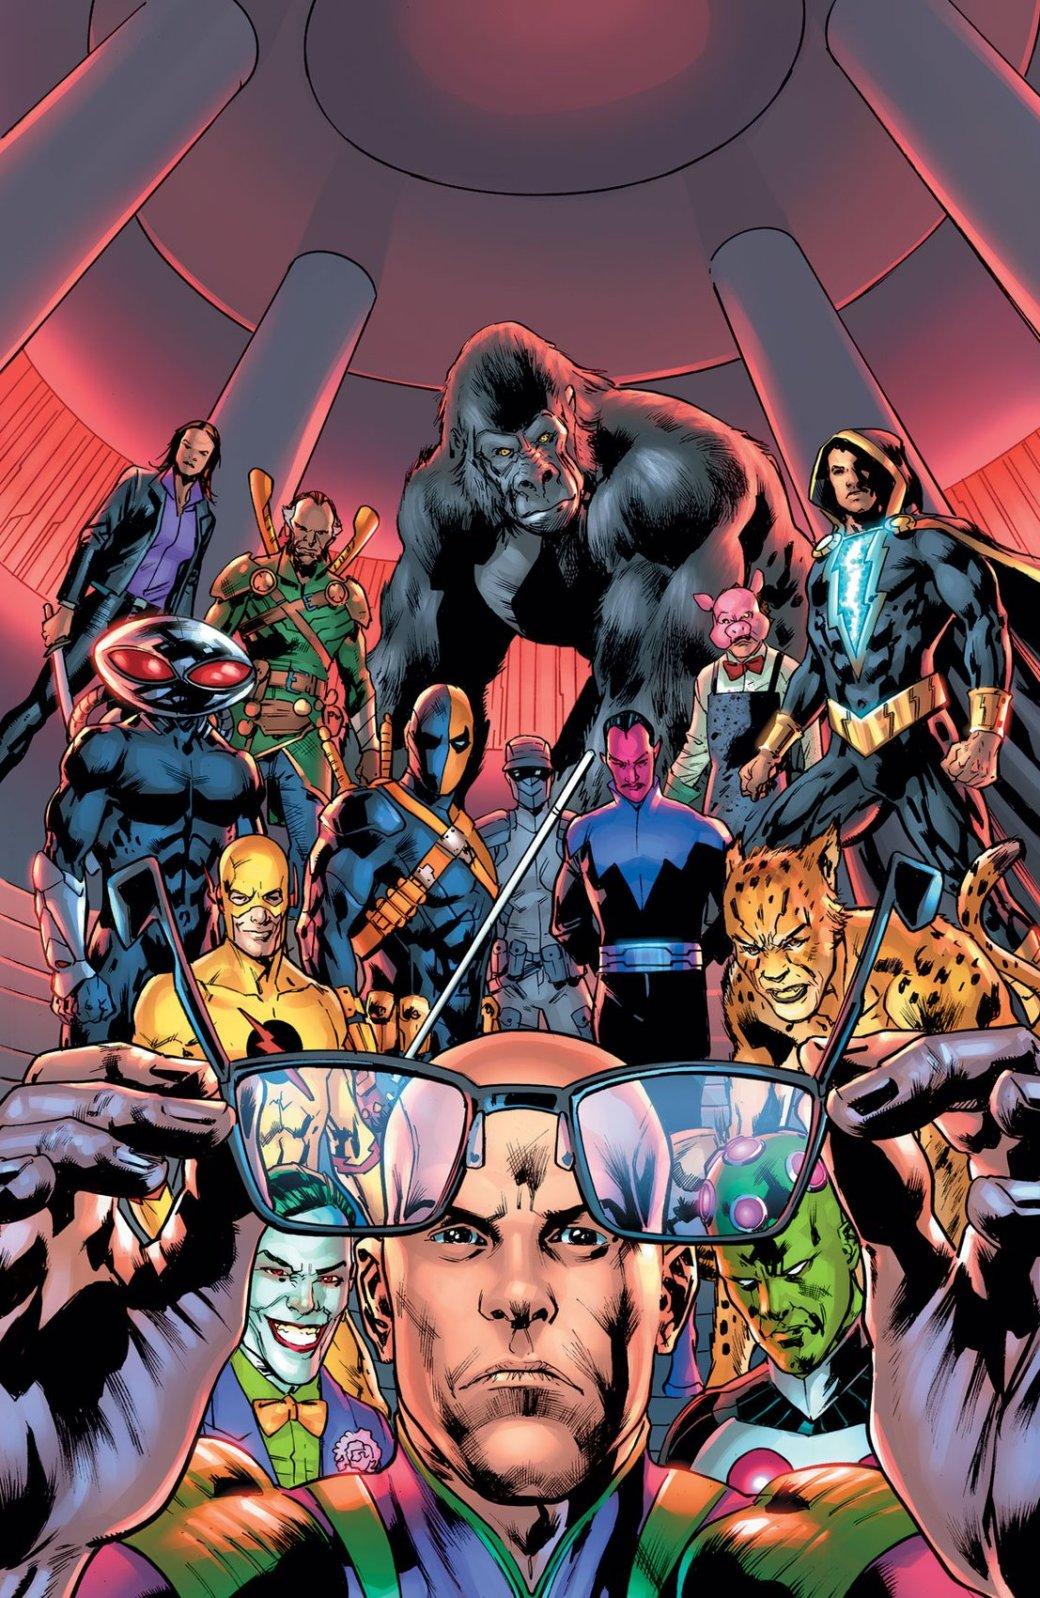 Злодеи DCотреагируют нараскрытие личности Супермена вспециальном выпуске